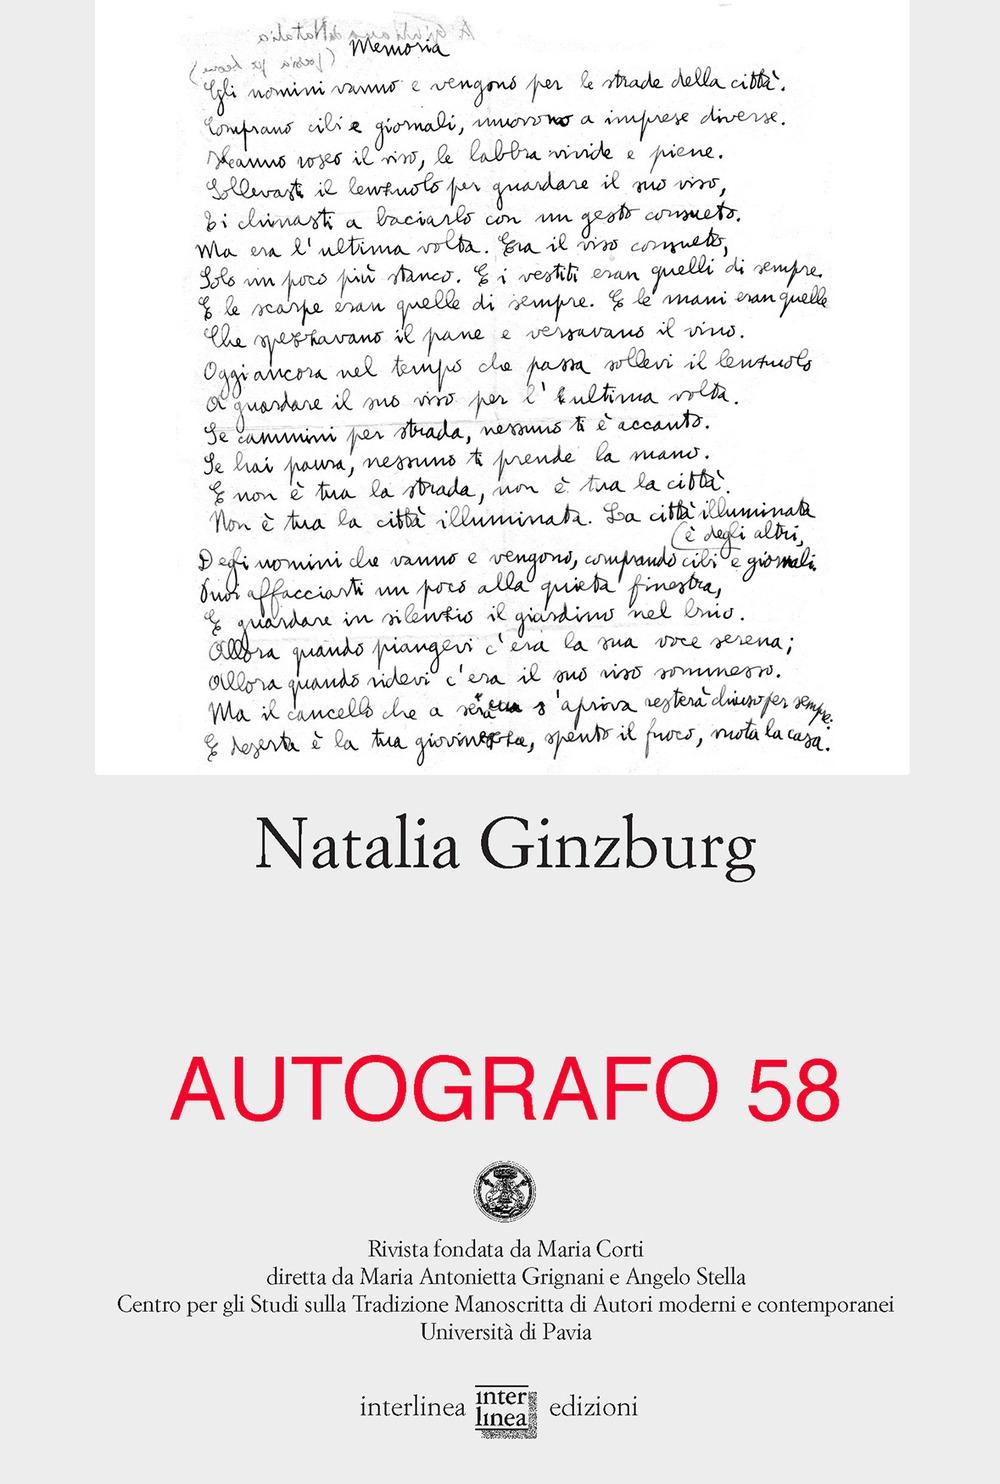 Autografo. Natalia Ginzburg (2017). Vol. 58